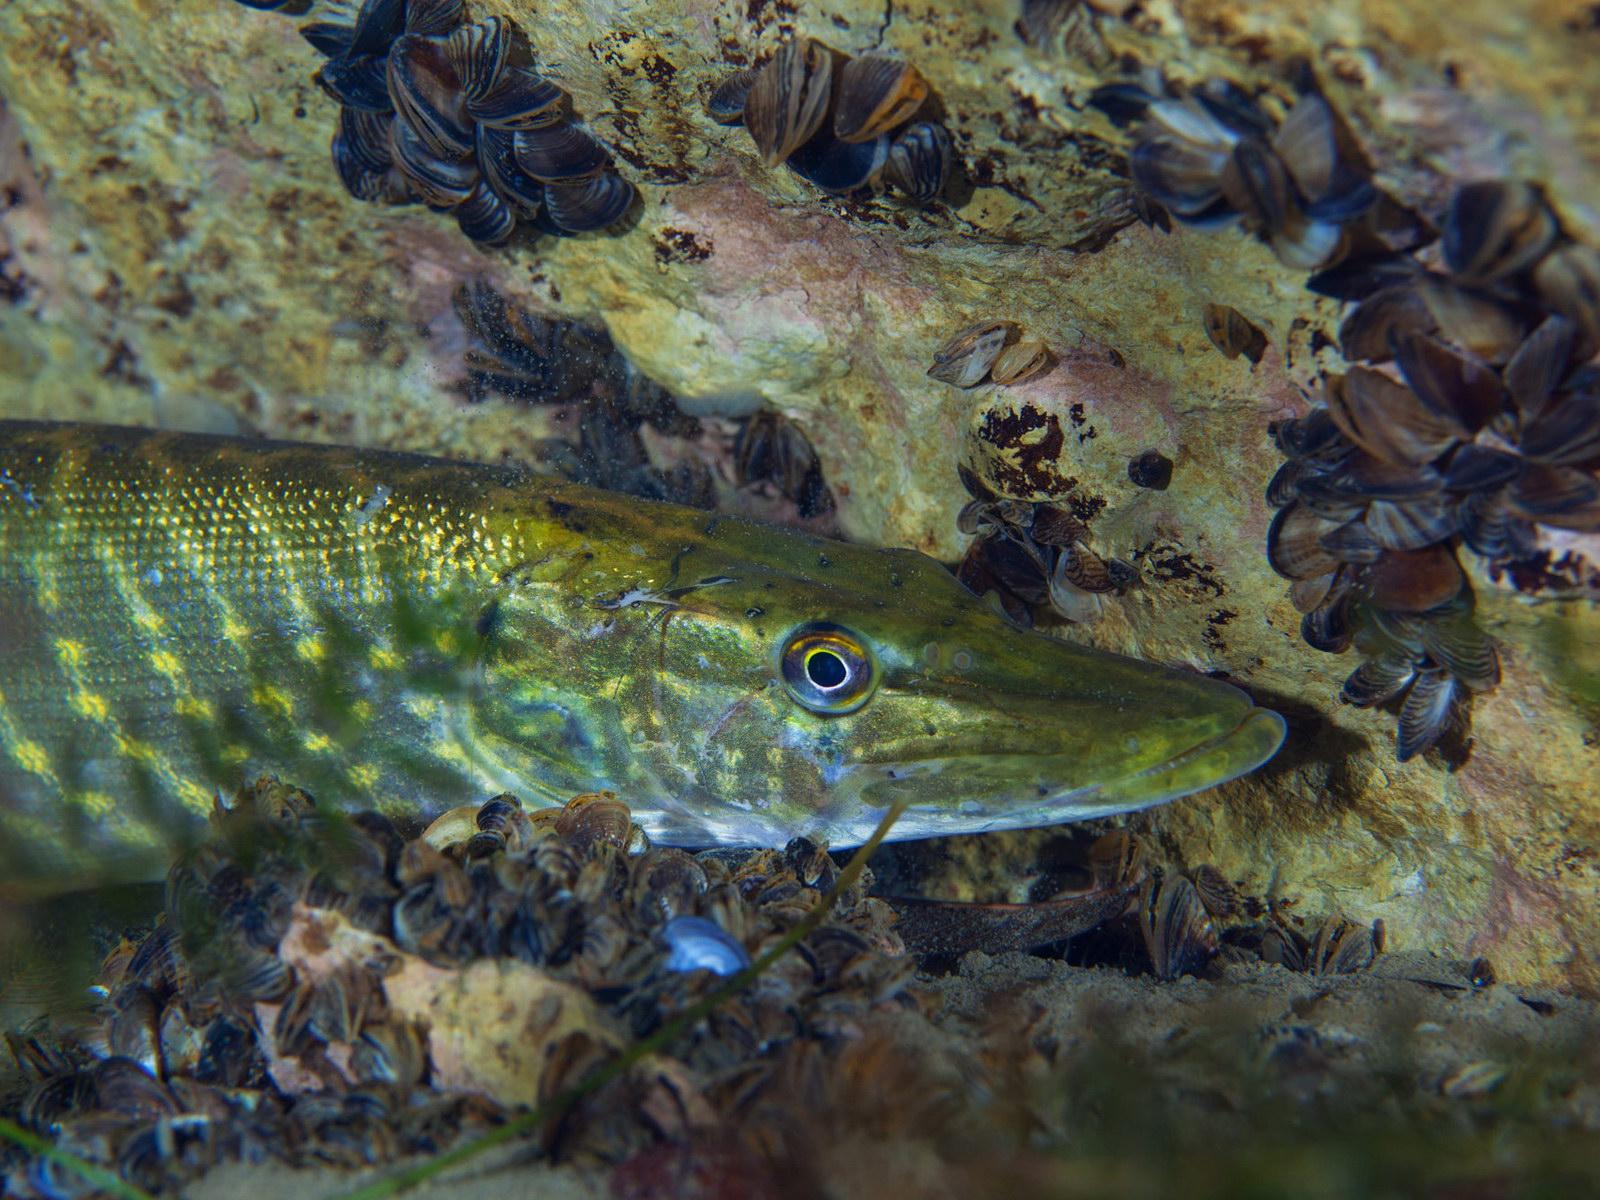 Hecht bei einem Discover Local Dive